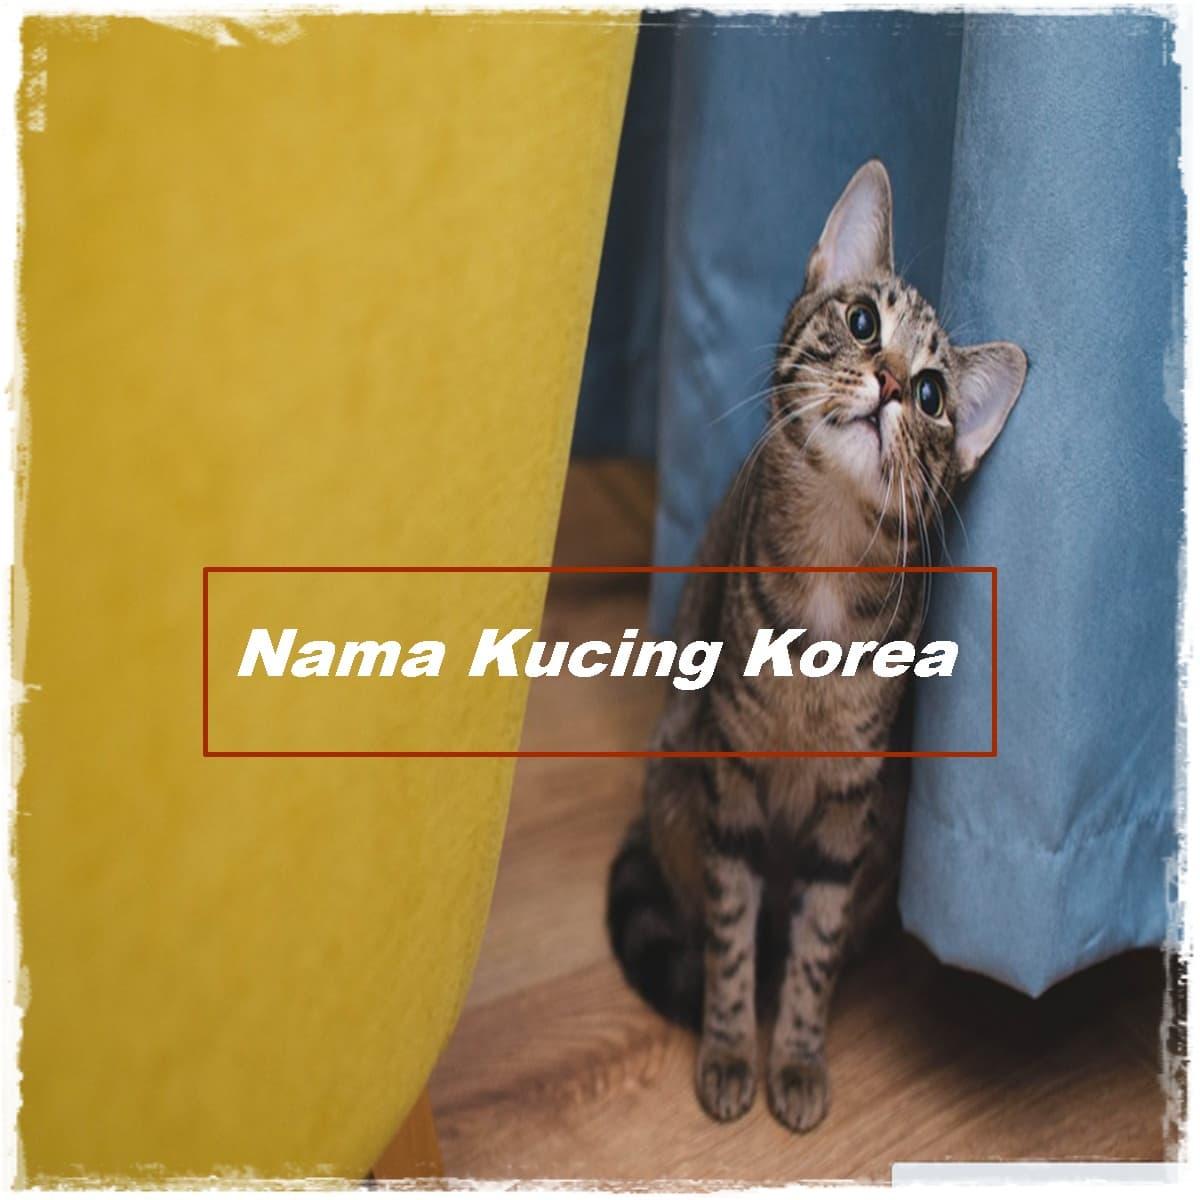 Nama kucing korea yang bagus